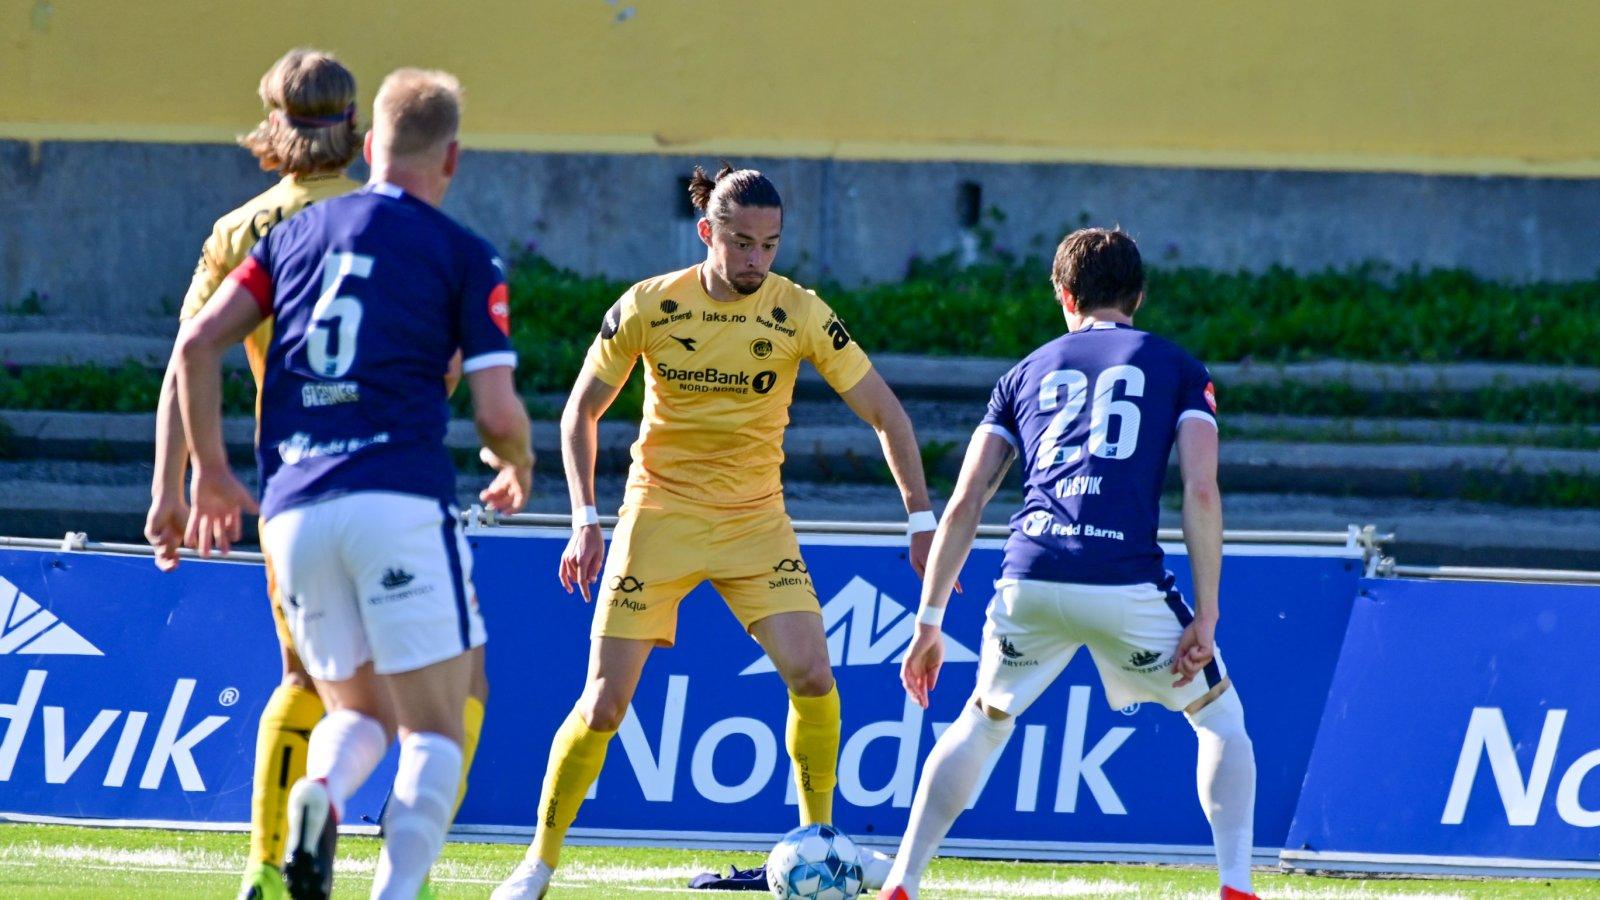 Amor Layout under kampen mot Strømsgodset. Kampen endte 2-0 til Glimt.